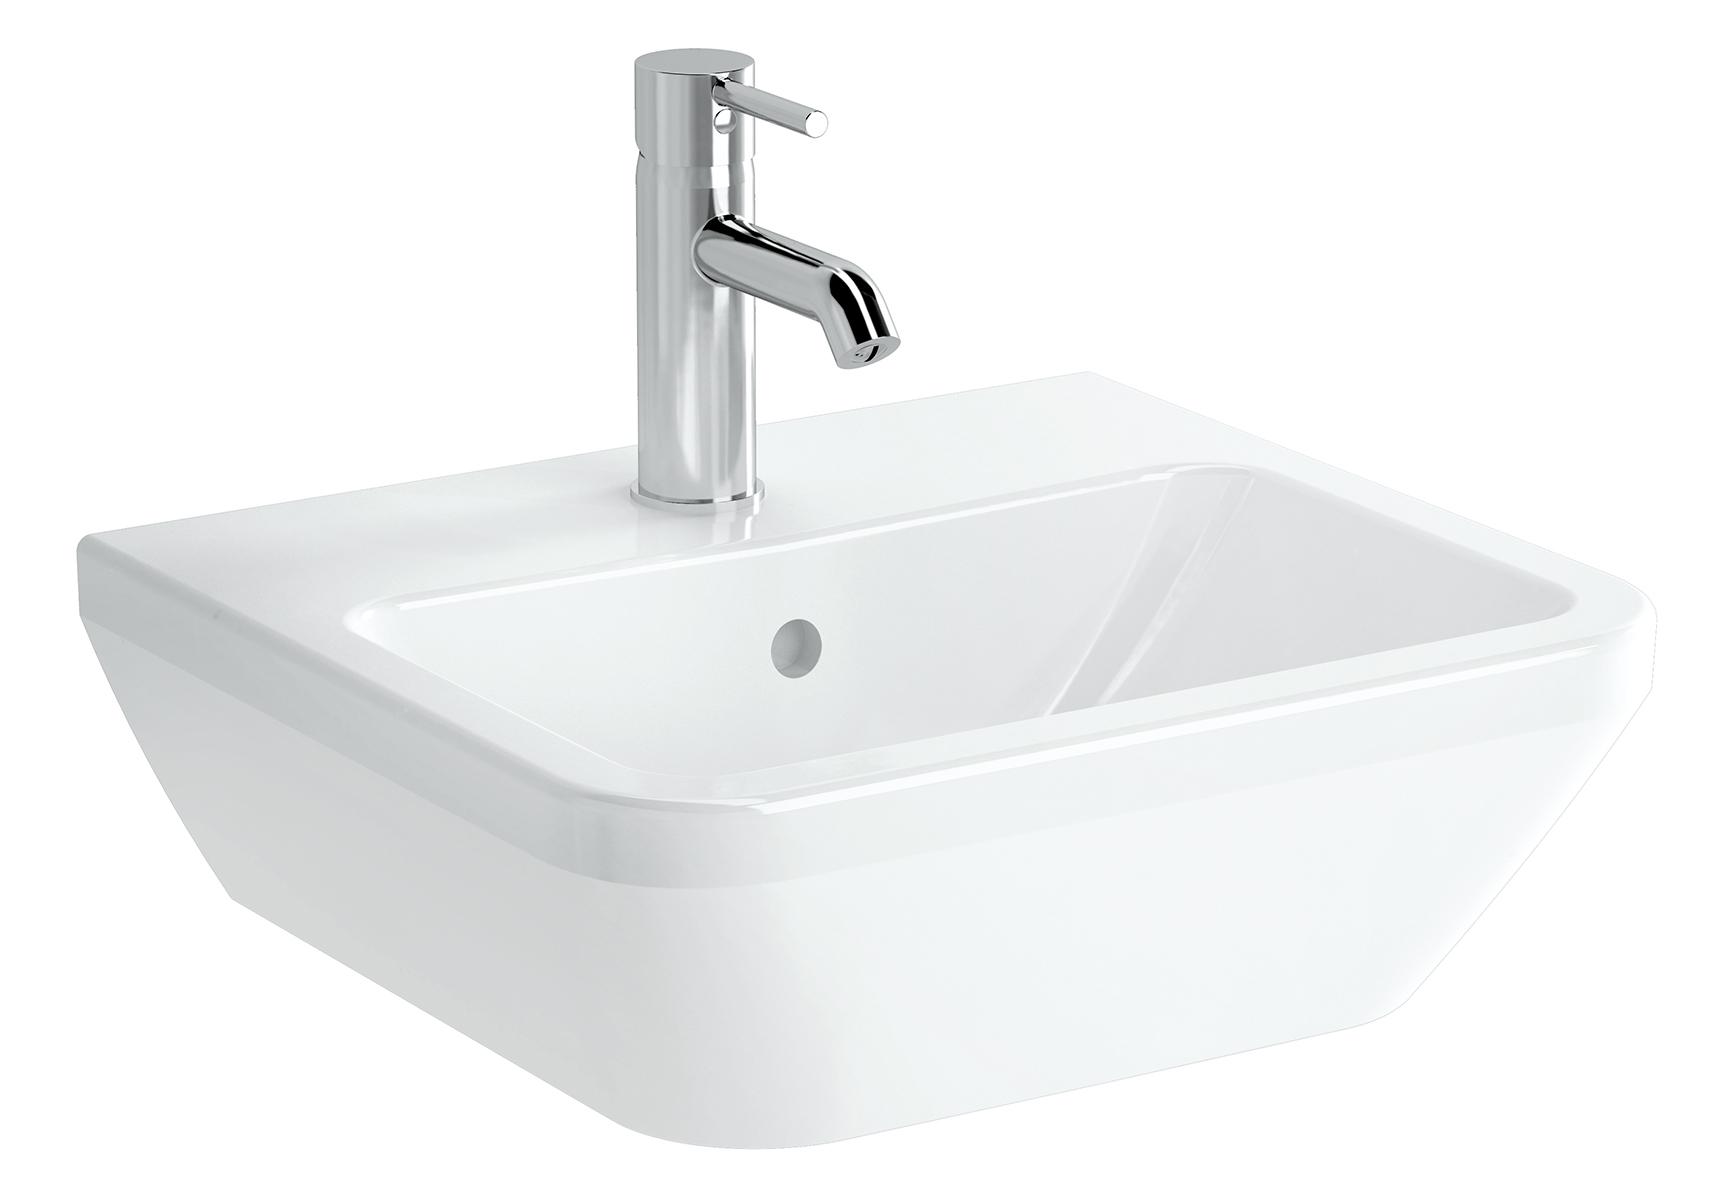 Integra lavabo carré, 45 cm, avec trou de robinet, sans trop-plein